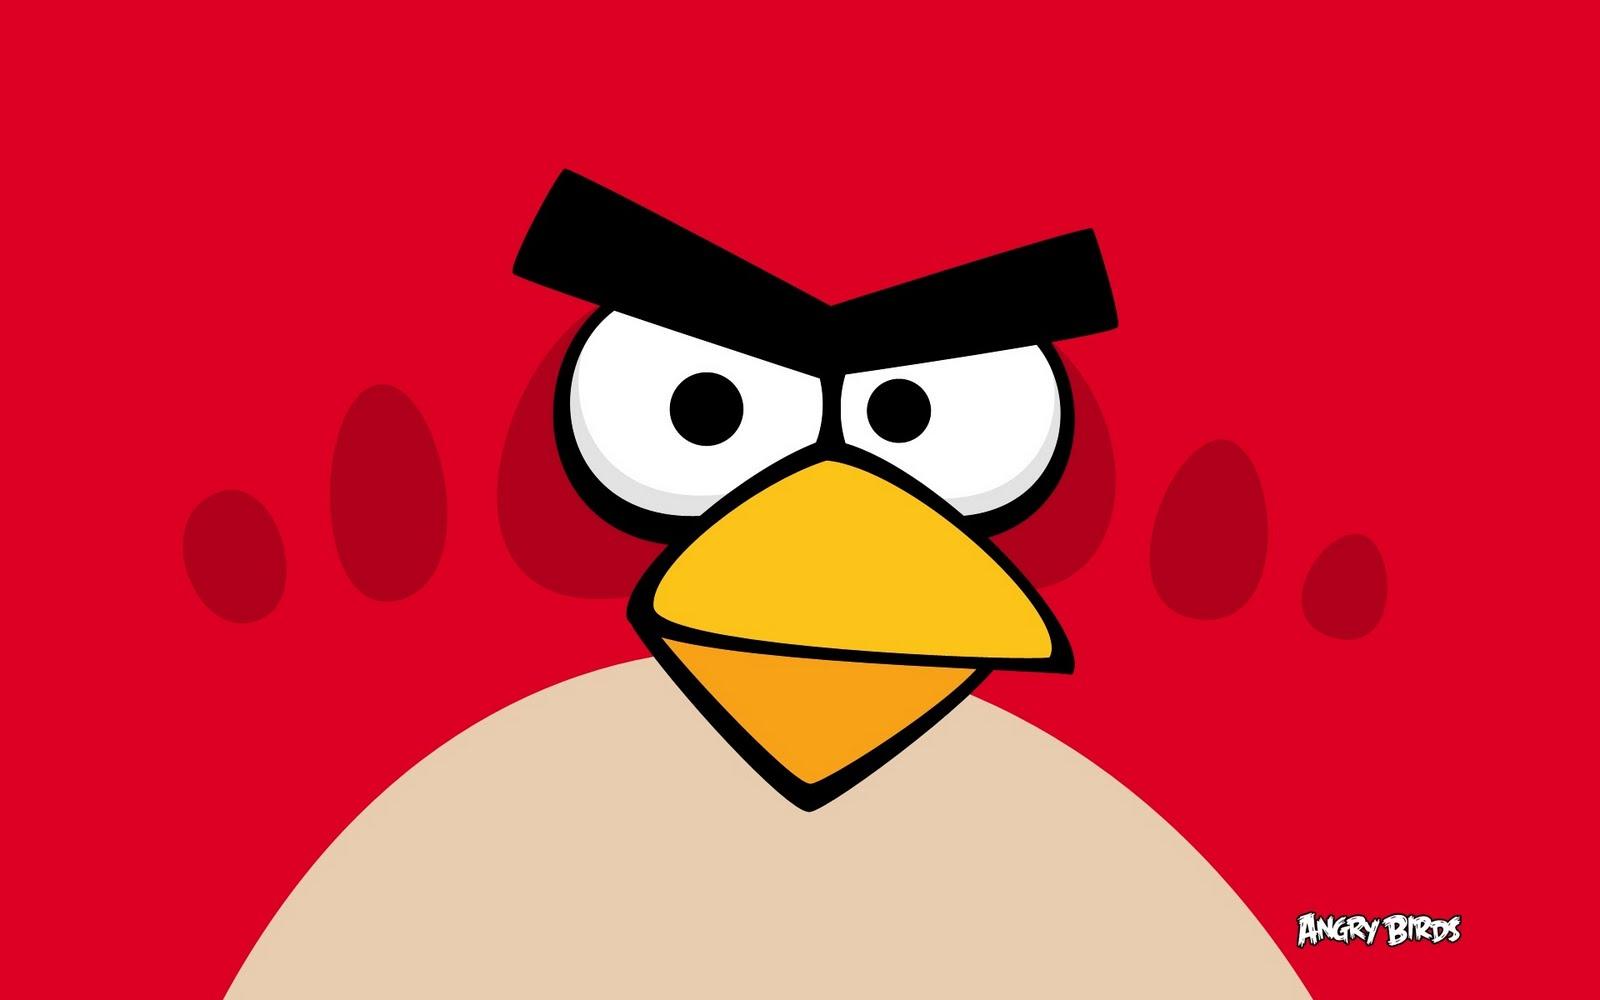 http://3.bp.blogspot.com/-qag0NV8wejs/TliprbcqZYI/AAAAAAAAC_E/-go4Kn3GYZQ/s1600/angry_birds-.jpg